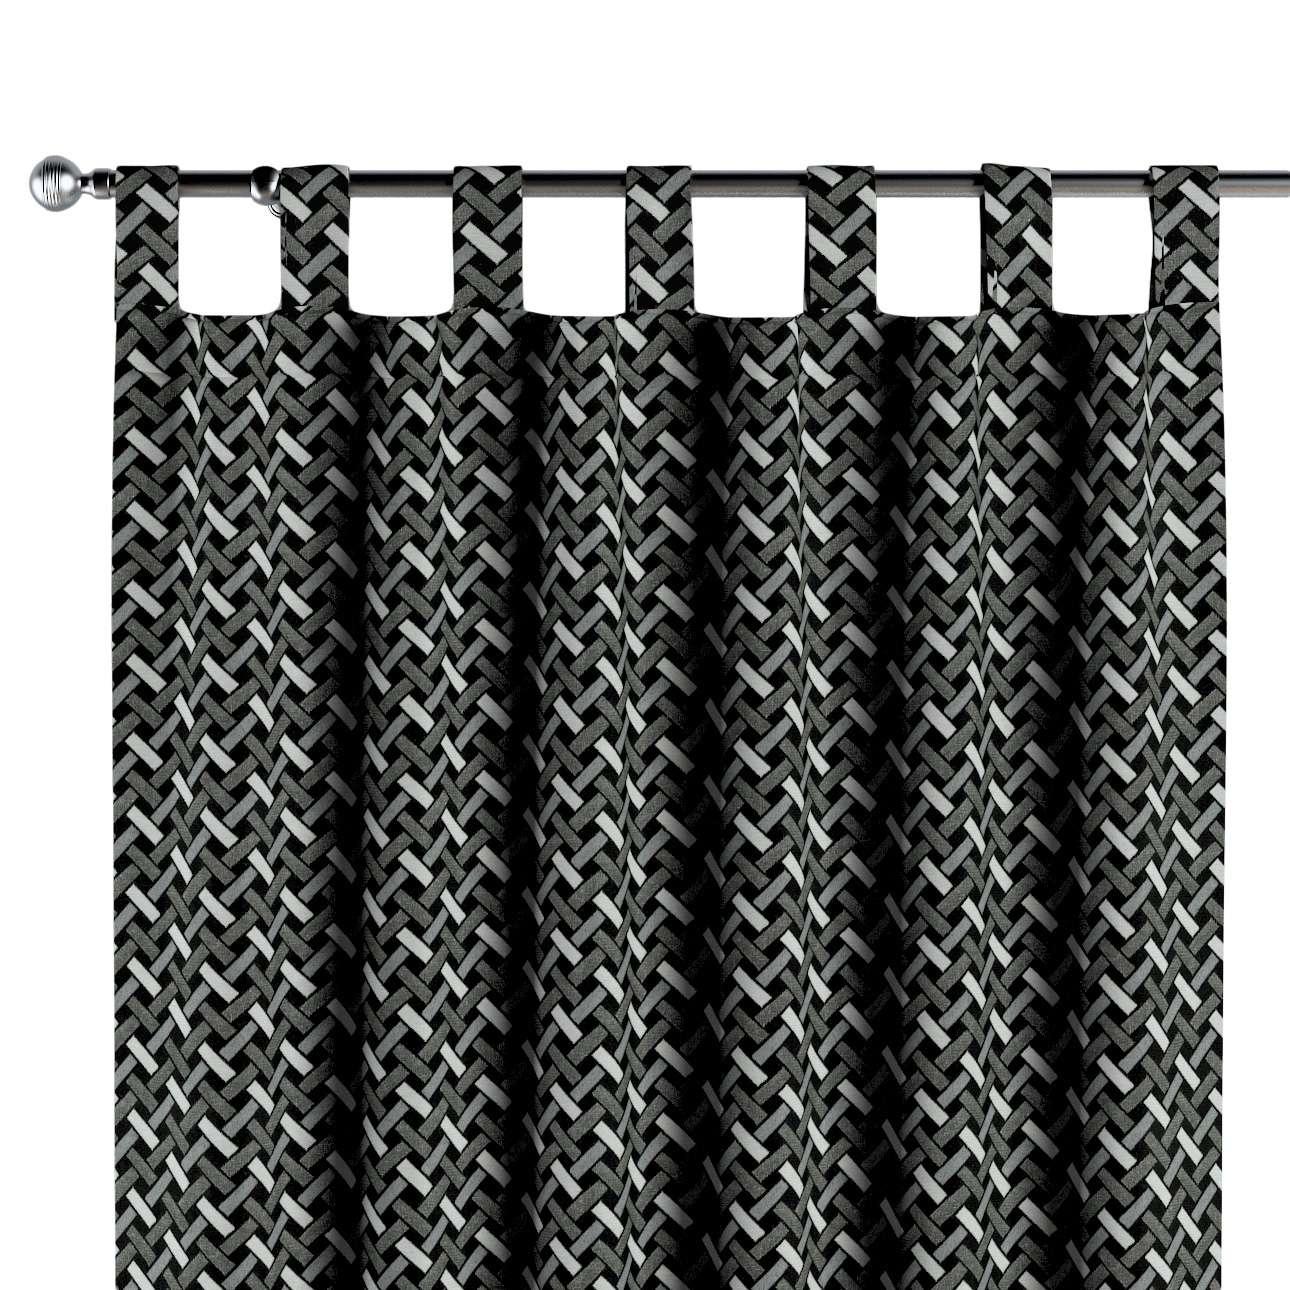 Závěs na poutka v kolekci Black & White, látka: 142-87